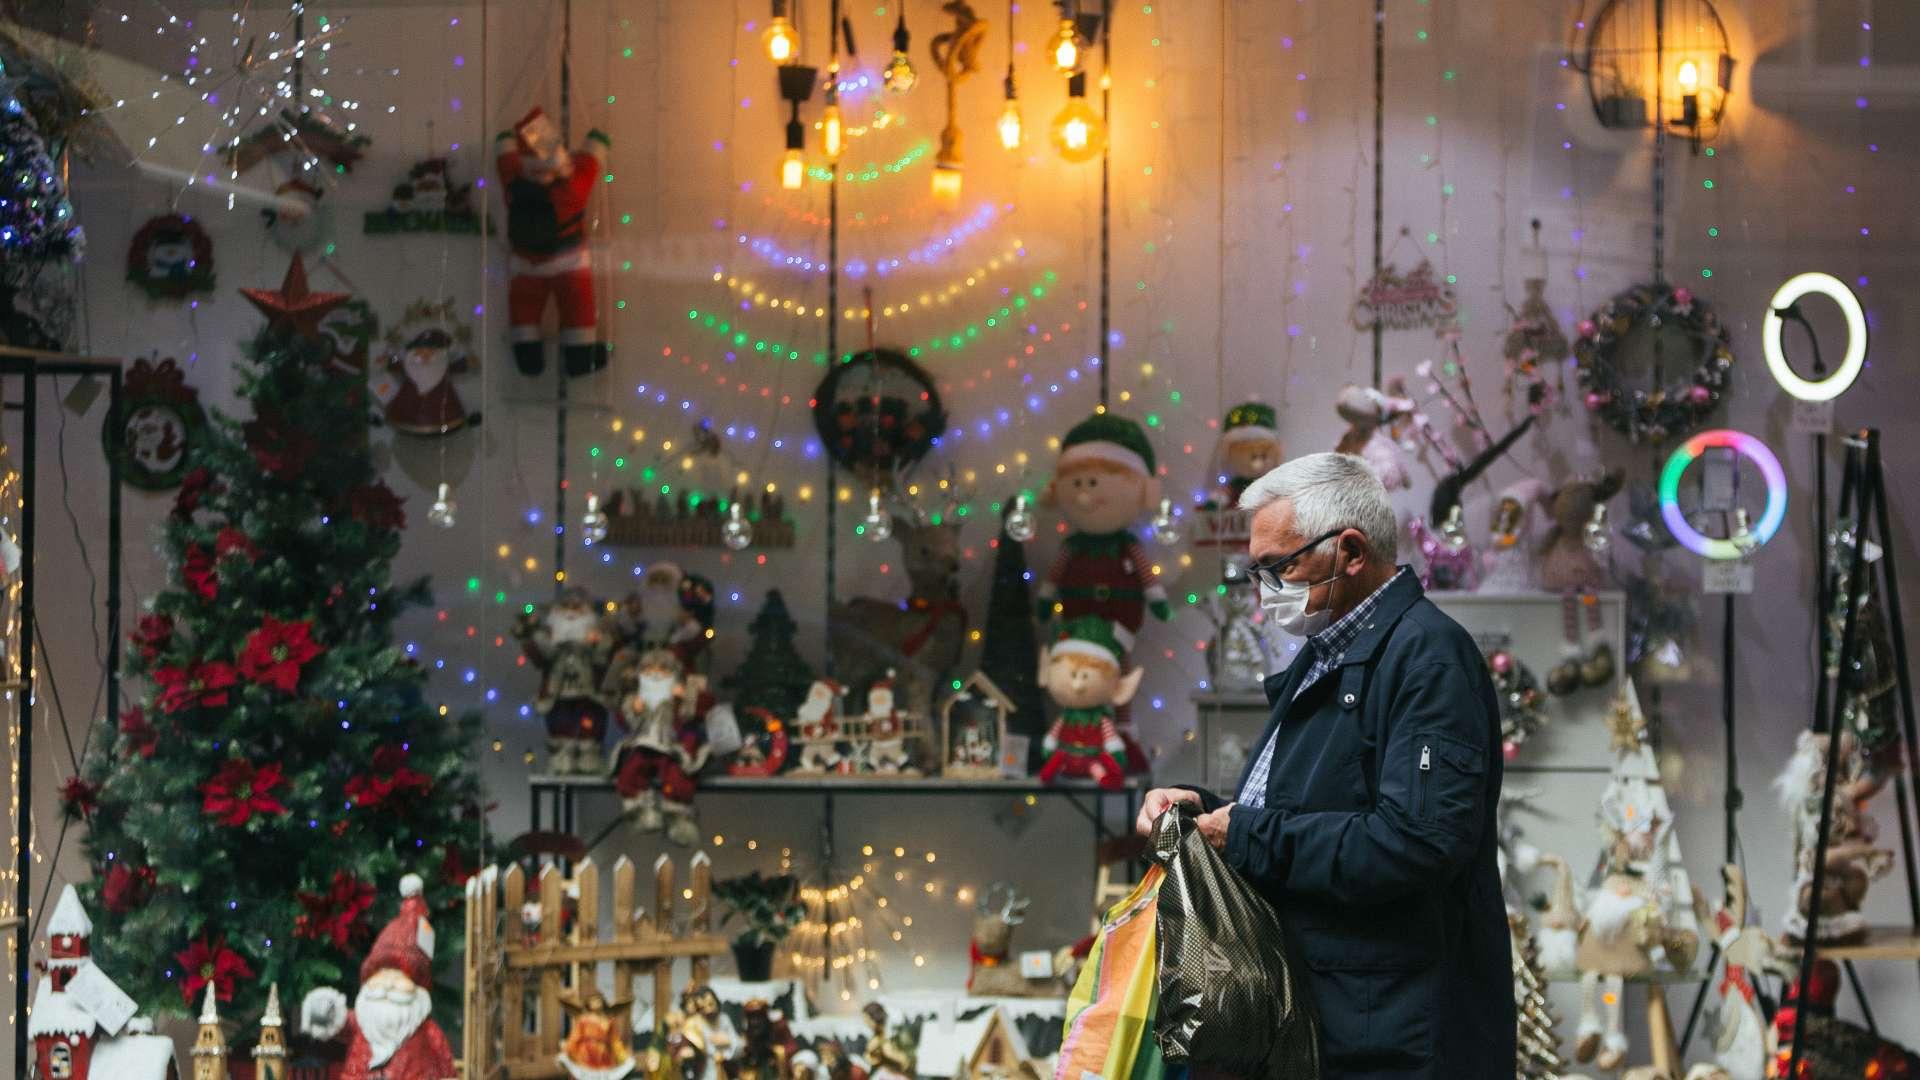 Una persona gran passa davant d'un aparador ple d'objectes de Nadal